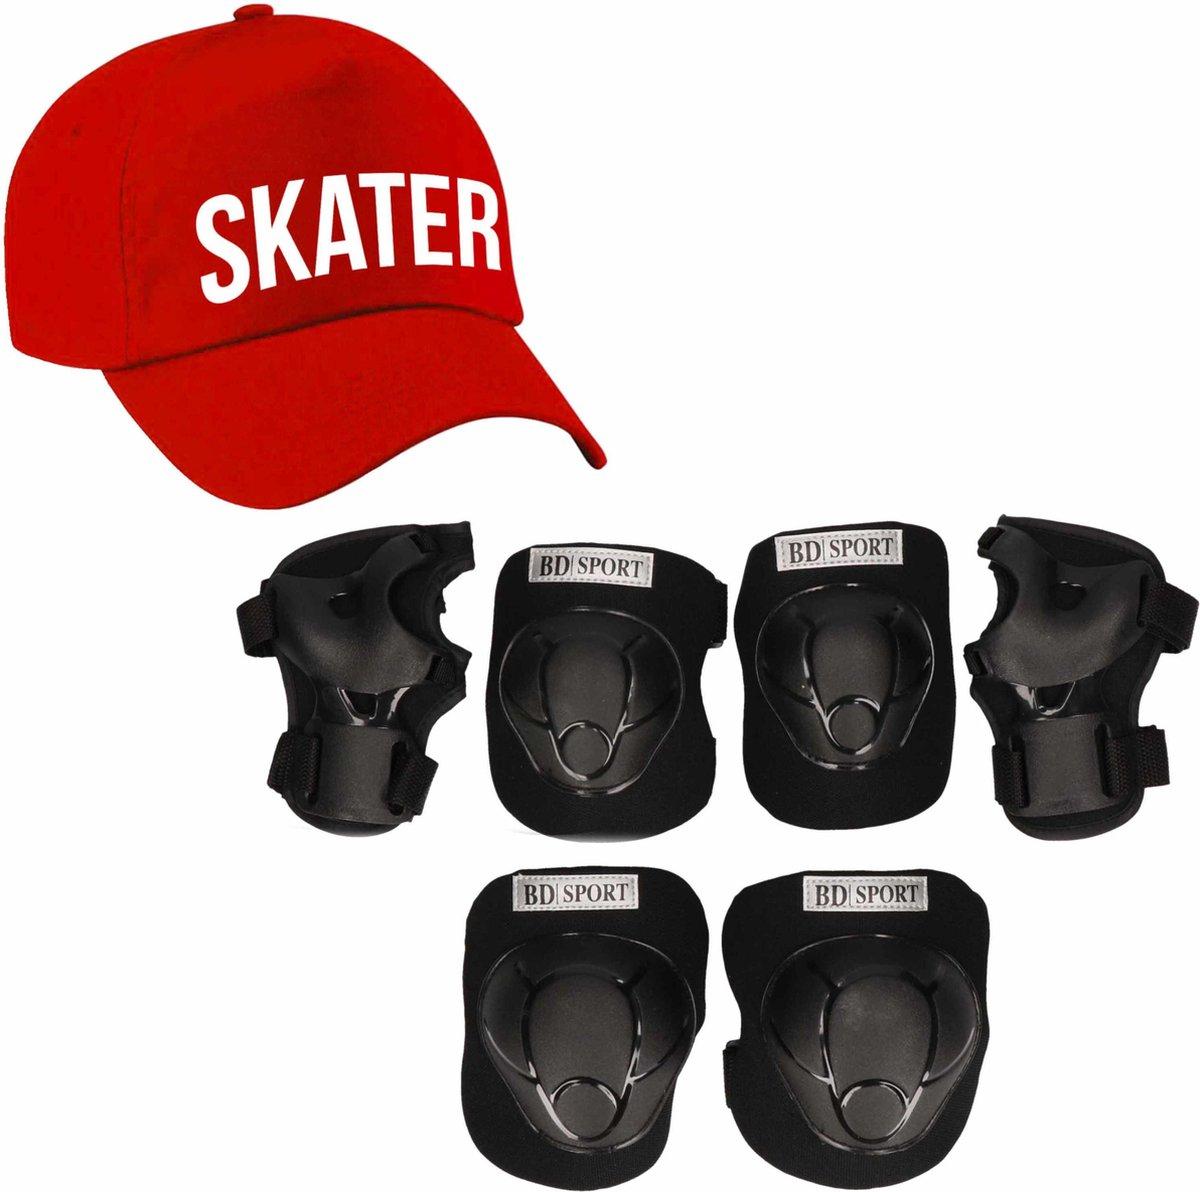 Set van valbescherming voor kinderen maat S / 4 tot 5 jaar met een stoere SKATER pet rood